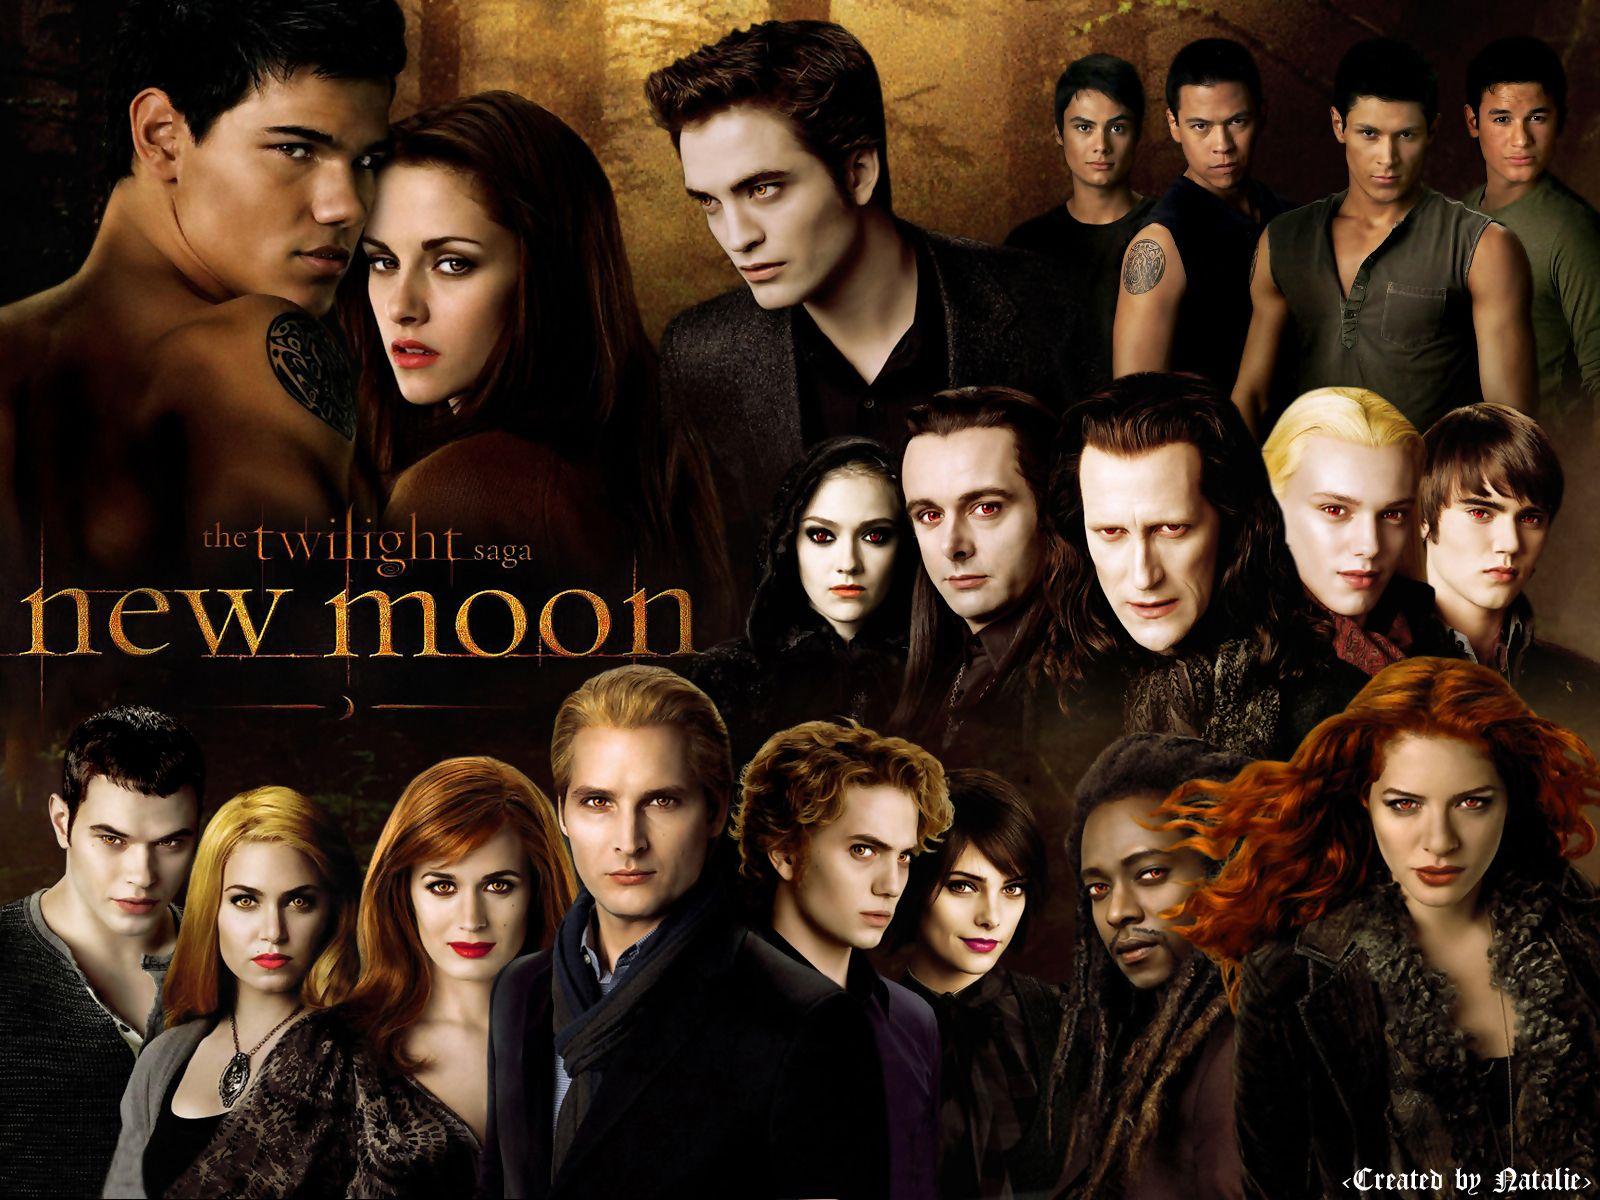 Twilight  New Moon (1600x1200)  Twilight Series Wallpaper (8686693)   Fanpop